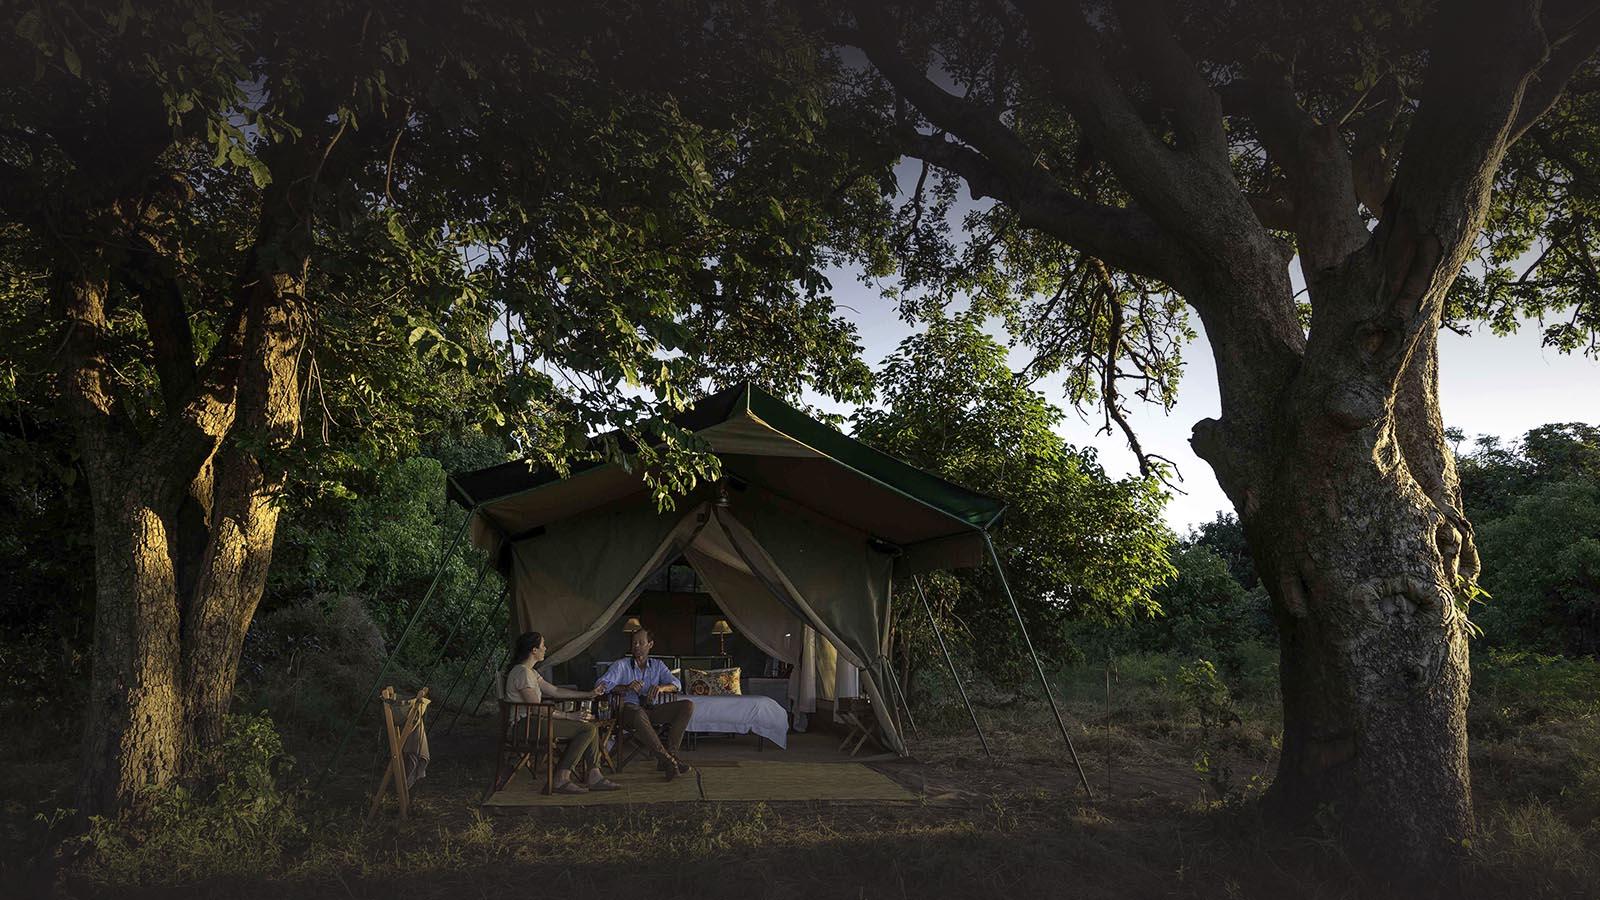 johns camp mana-pools-zimbabwe-accommodation-safari-zambia-in-style-tent-front